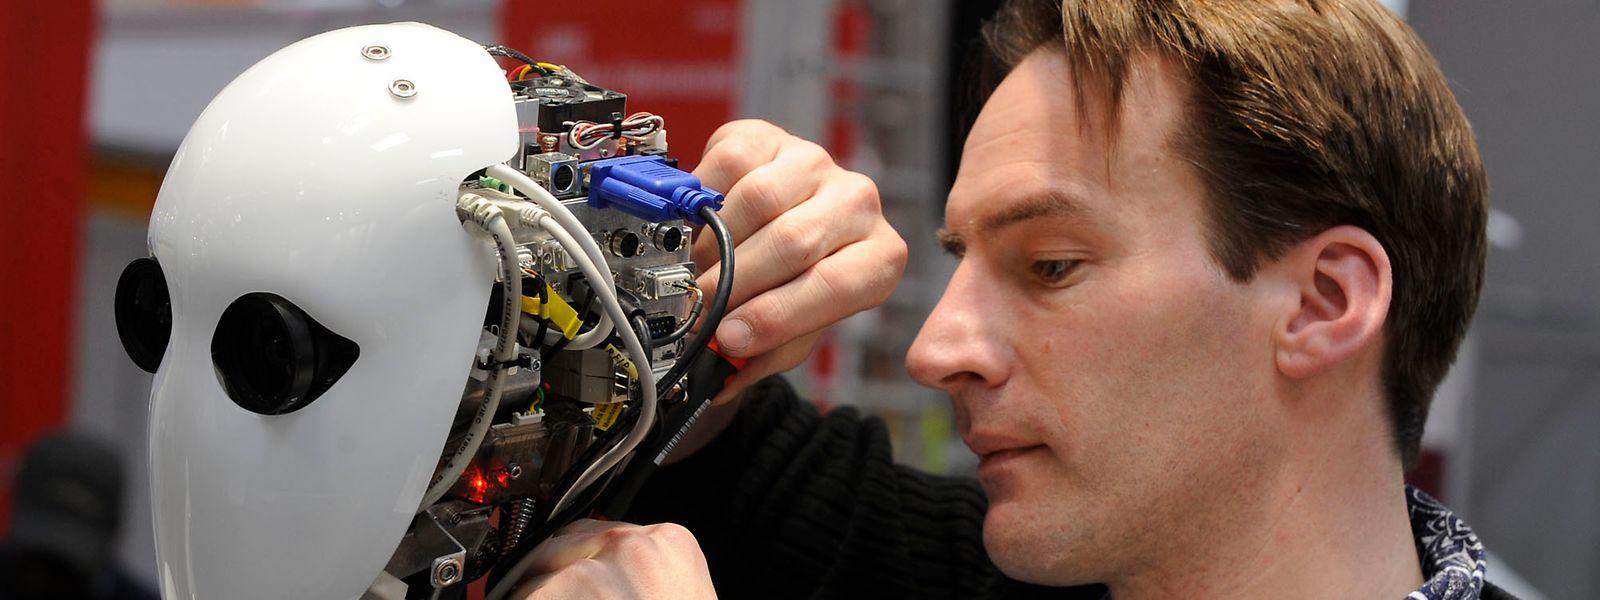 """Roboter und andere """"intelligente"""" Maschinen bestimmen zunehmend das Berufs- und Privatleben der Menschen."""